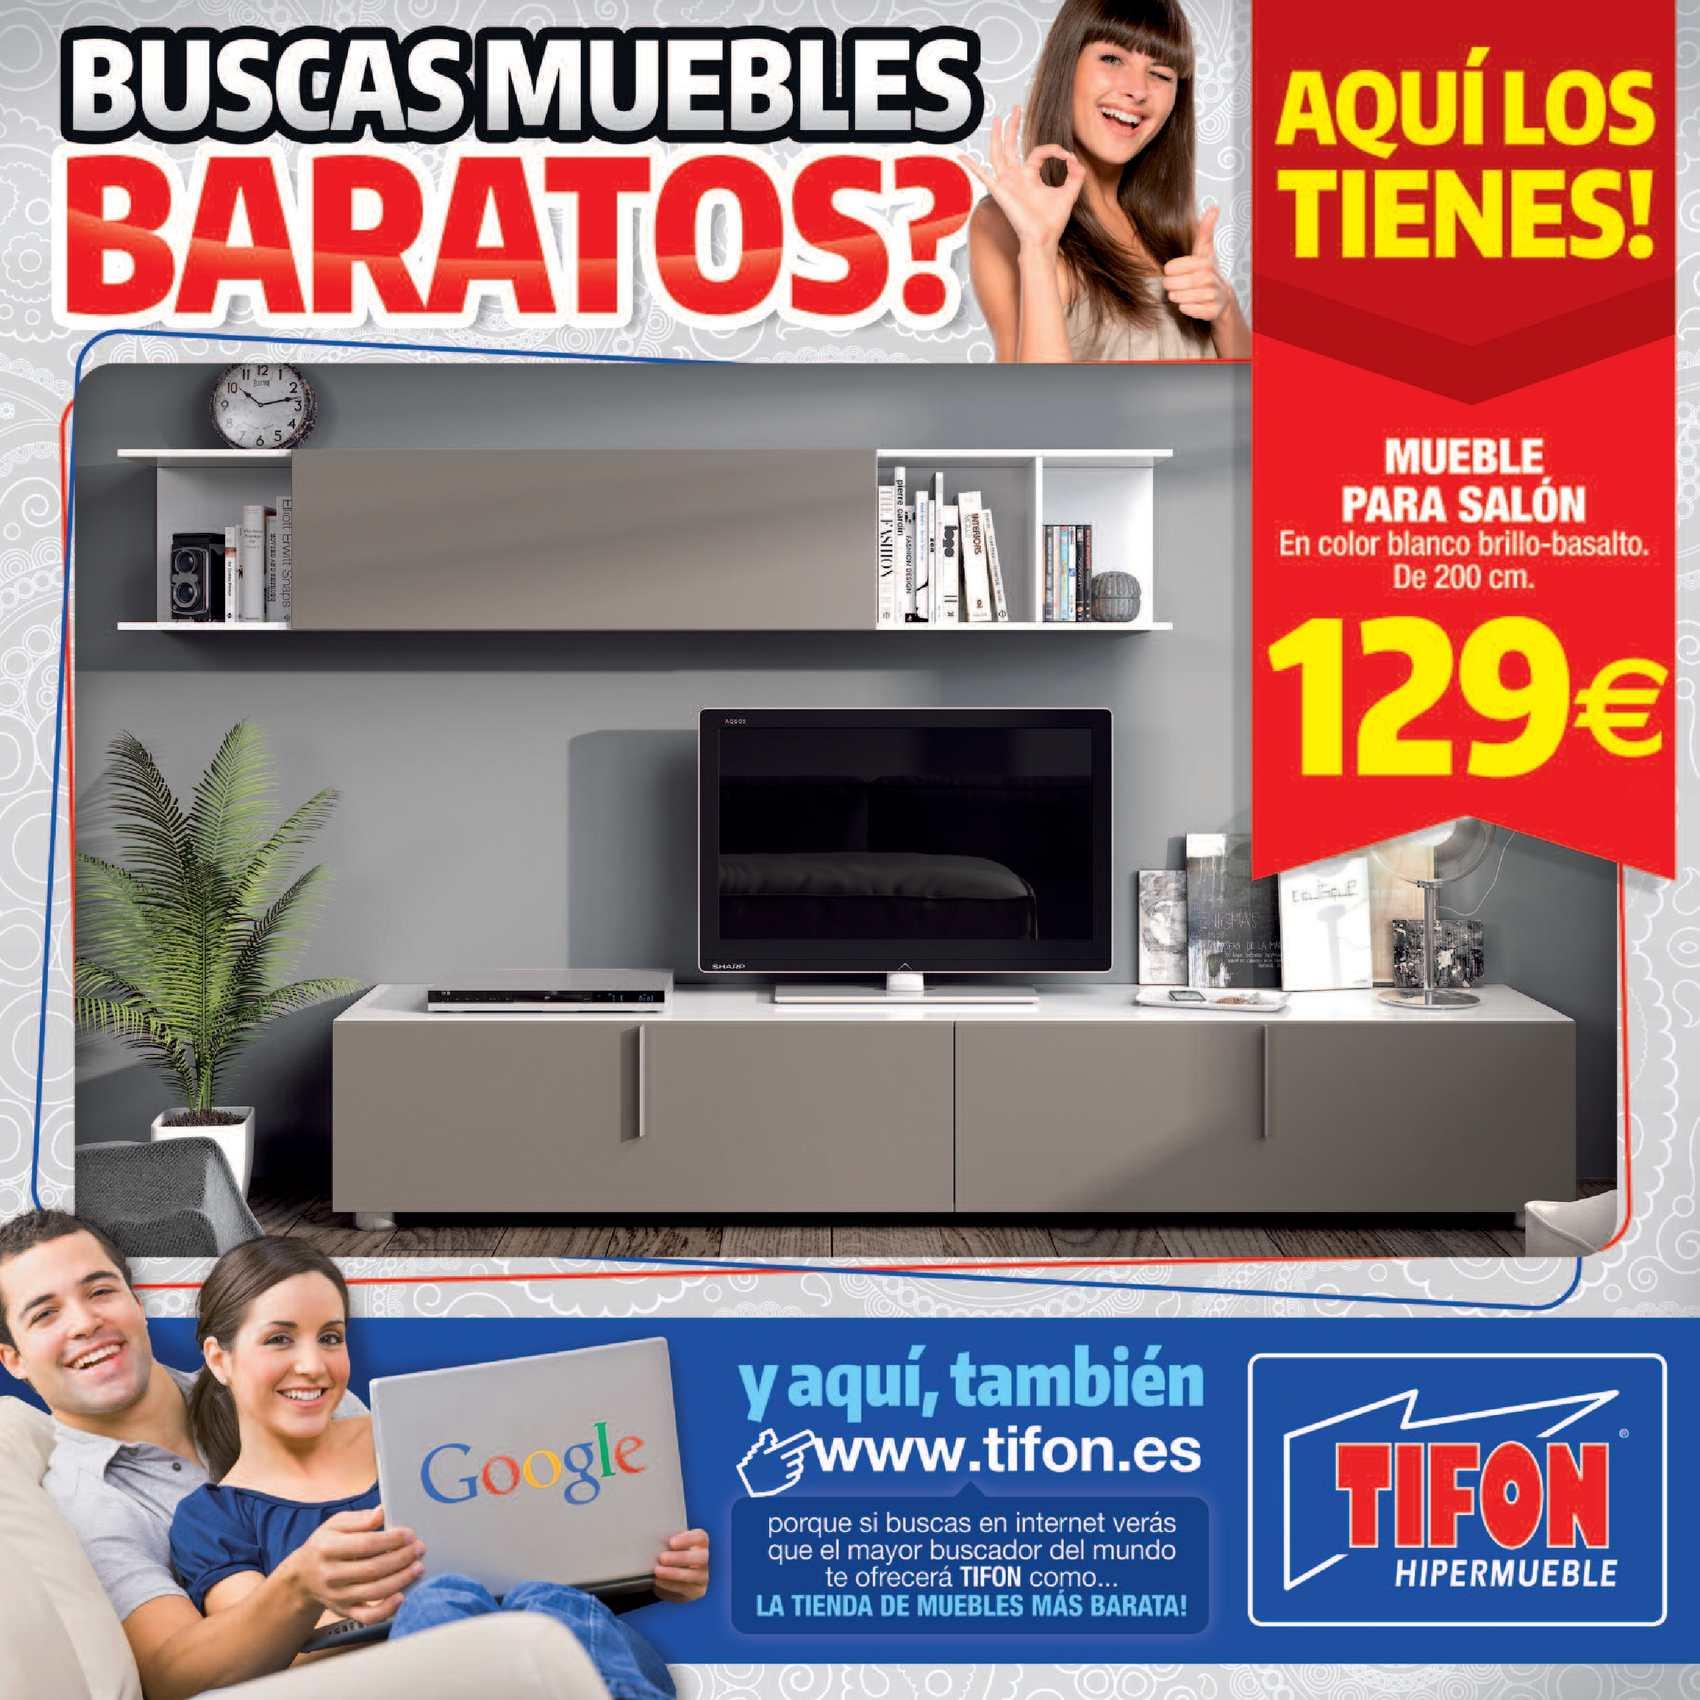 Calam o ofertas tifon hipermueble cantabria for Muebles baratos cantabria